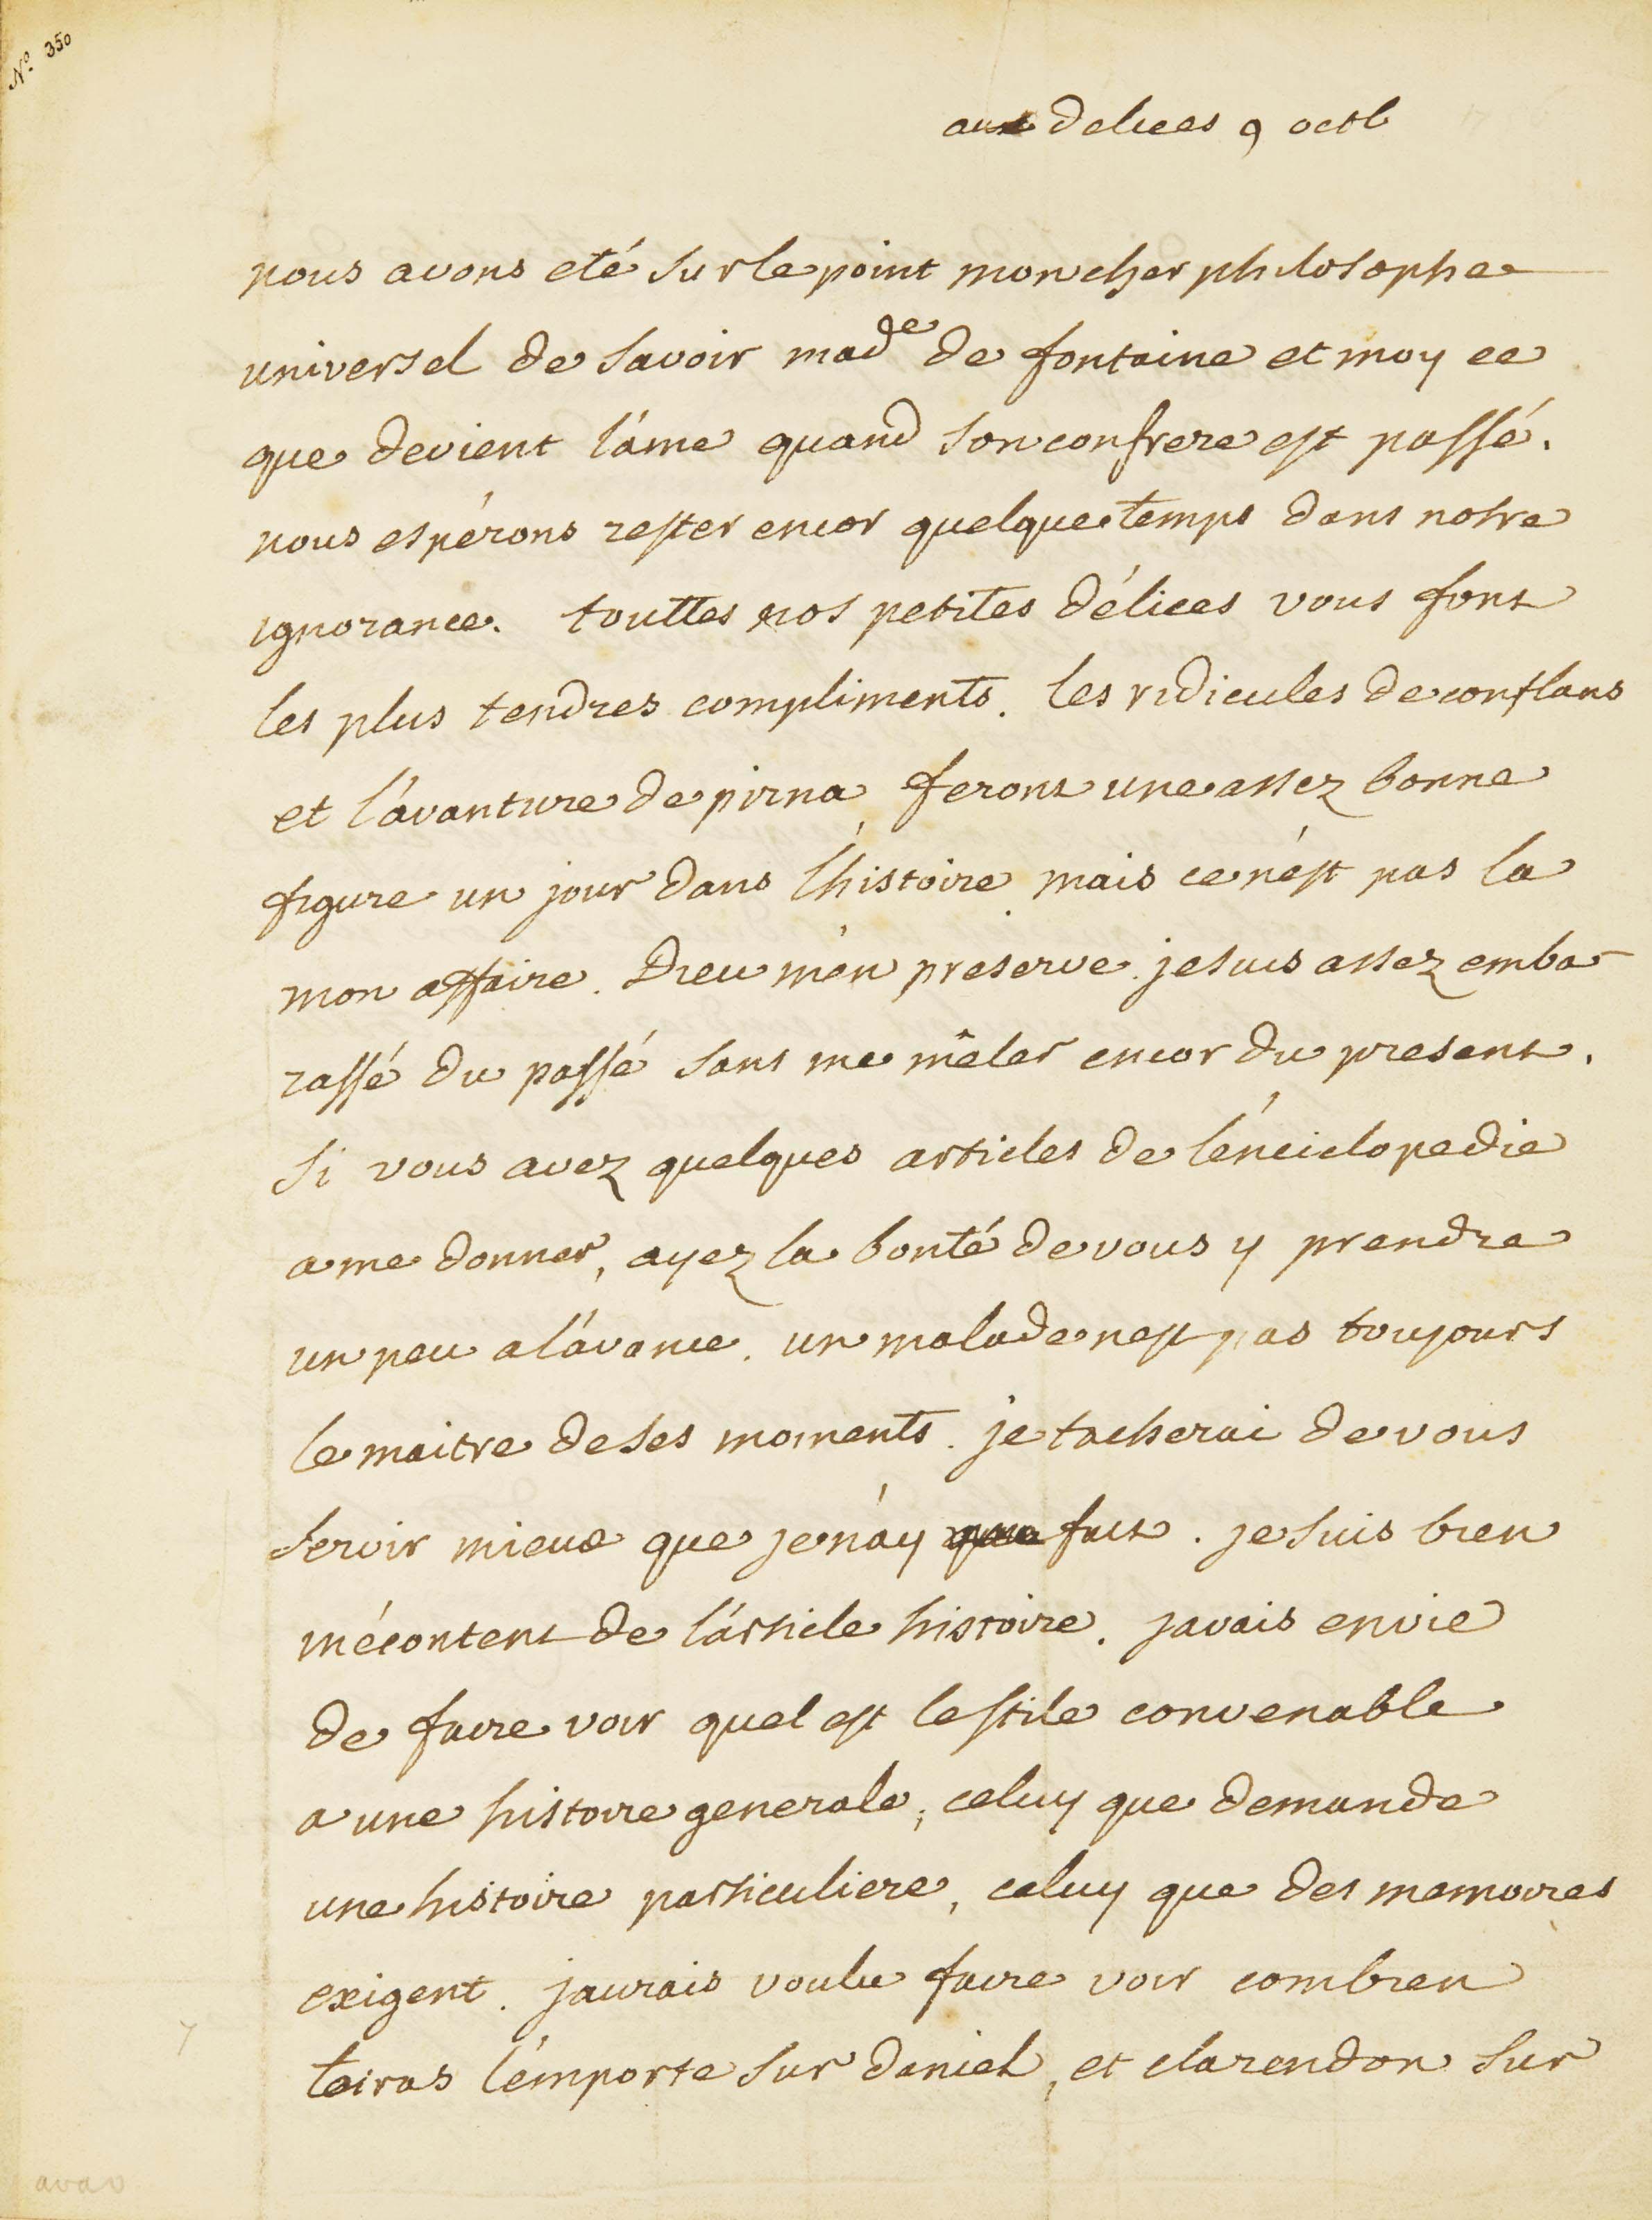 VOLTAIRE, François-Marie Arouet dit (1694-1775). Recueil contenant 8 lettres autographes. In-folio (305 x 265 mm). Chaque lettre dans un montage à fenêtre. (Rousseurs éparses, papier parfois un peu sali.) Reliure du XXe siècle, signée Sotheran & Co au contreplat, maroquin rouge, triple filet doré encadrant les plats, dos à nerfs orné, roulette intérieure dorée (quelques infimes usures). Provenance: ancienne collection Tronc-Jeanson.